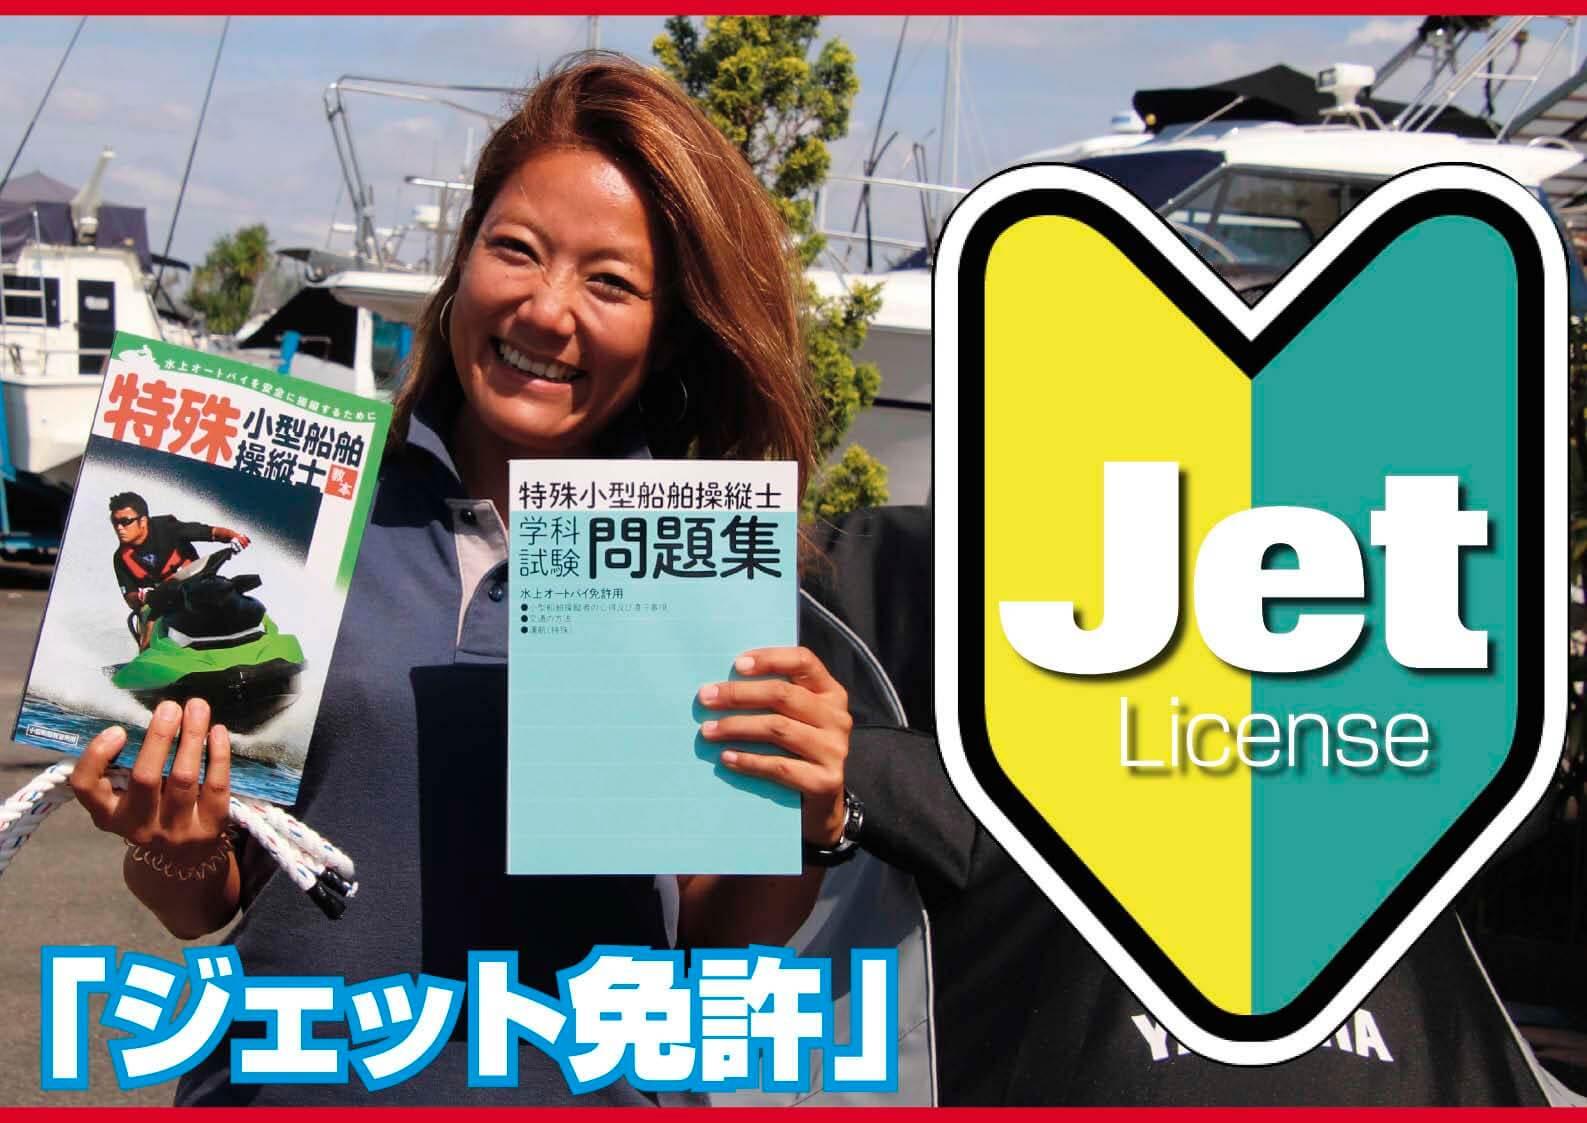 特殊小型船舶免許(水上バイク専用免許)取得作戦 Maris Girl(マリスガール)が免許を取るまで 【動画付き】 ジェットスキー(水上バイク)